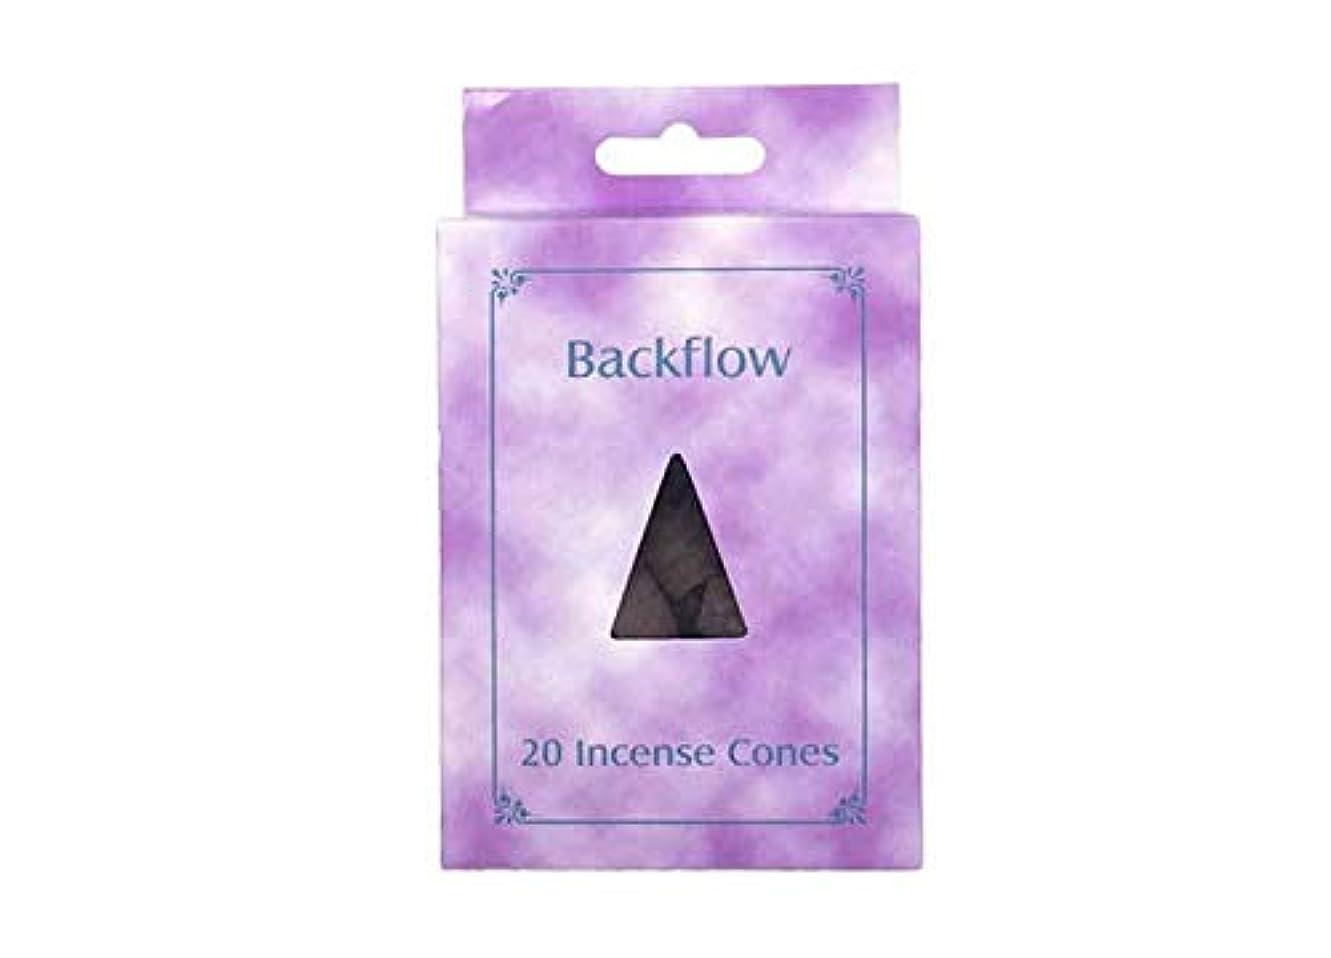 征服する資格難民お香 逆流コーン 逆流香 20p ローズ Backflow Incense Cones 20p Rose